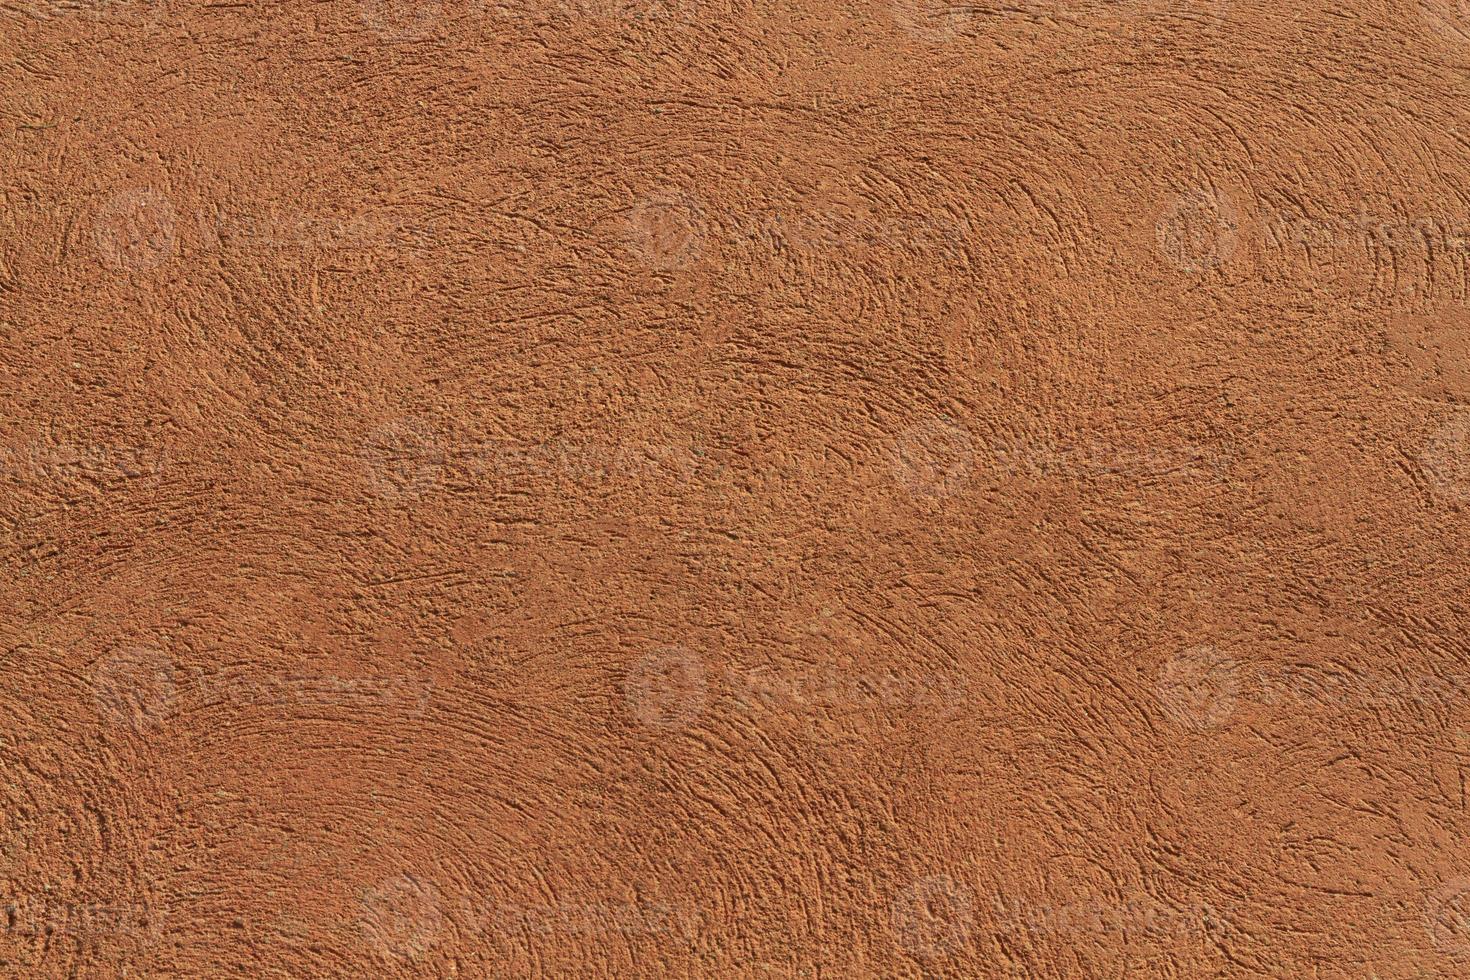 kopia utrymme brun mocka vägg textur bakgrund foto